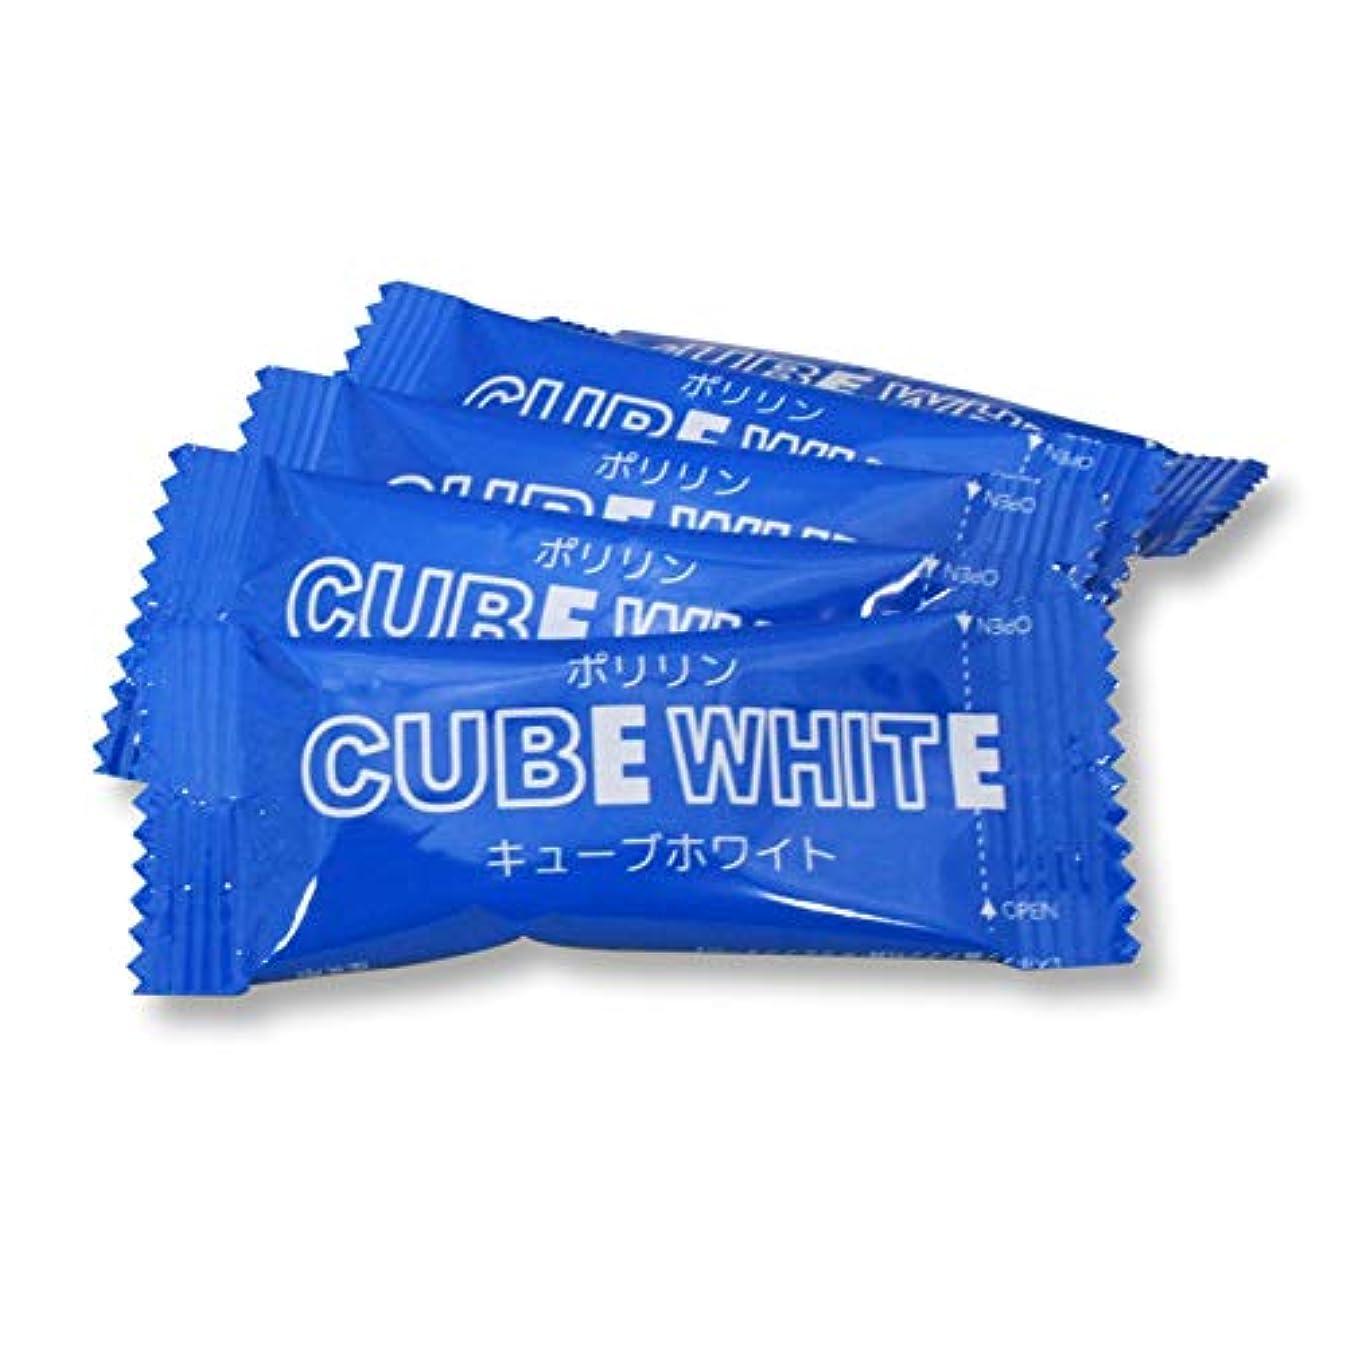 促すの頭の上フレームワークリジェンティス キューブホワイト 【5袋入】 歯面専用 スポンジ 歯 ブラシ 付き ホワイトニング 歯磨き